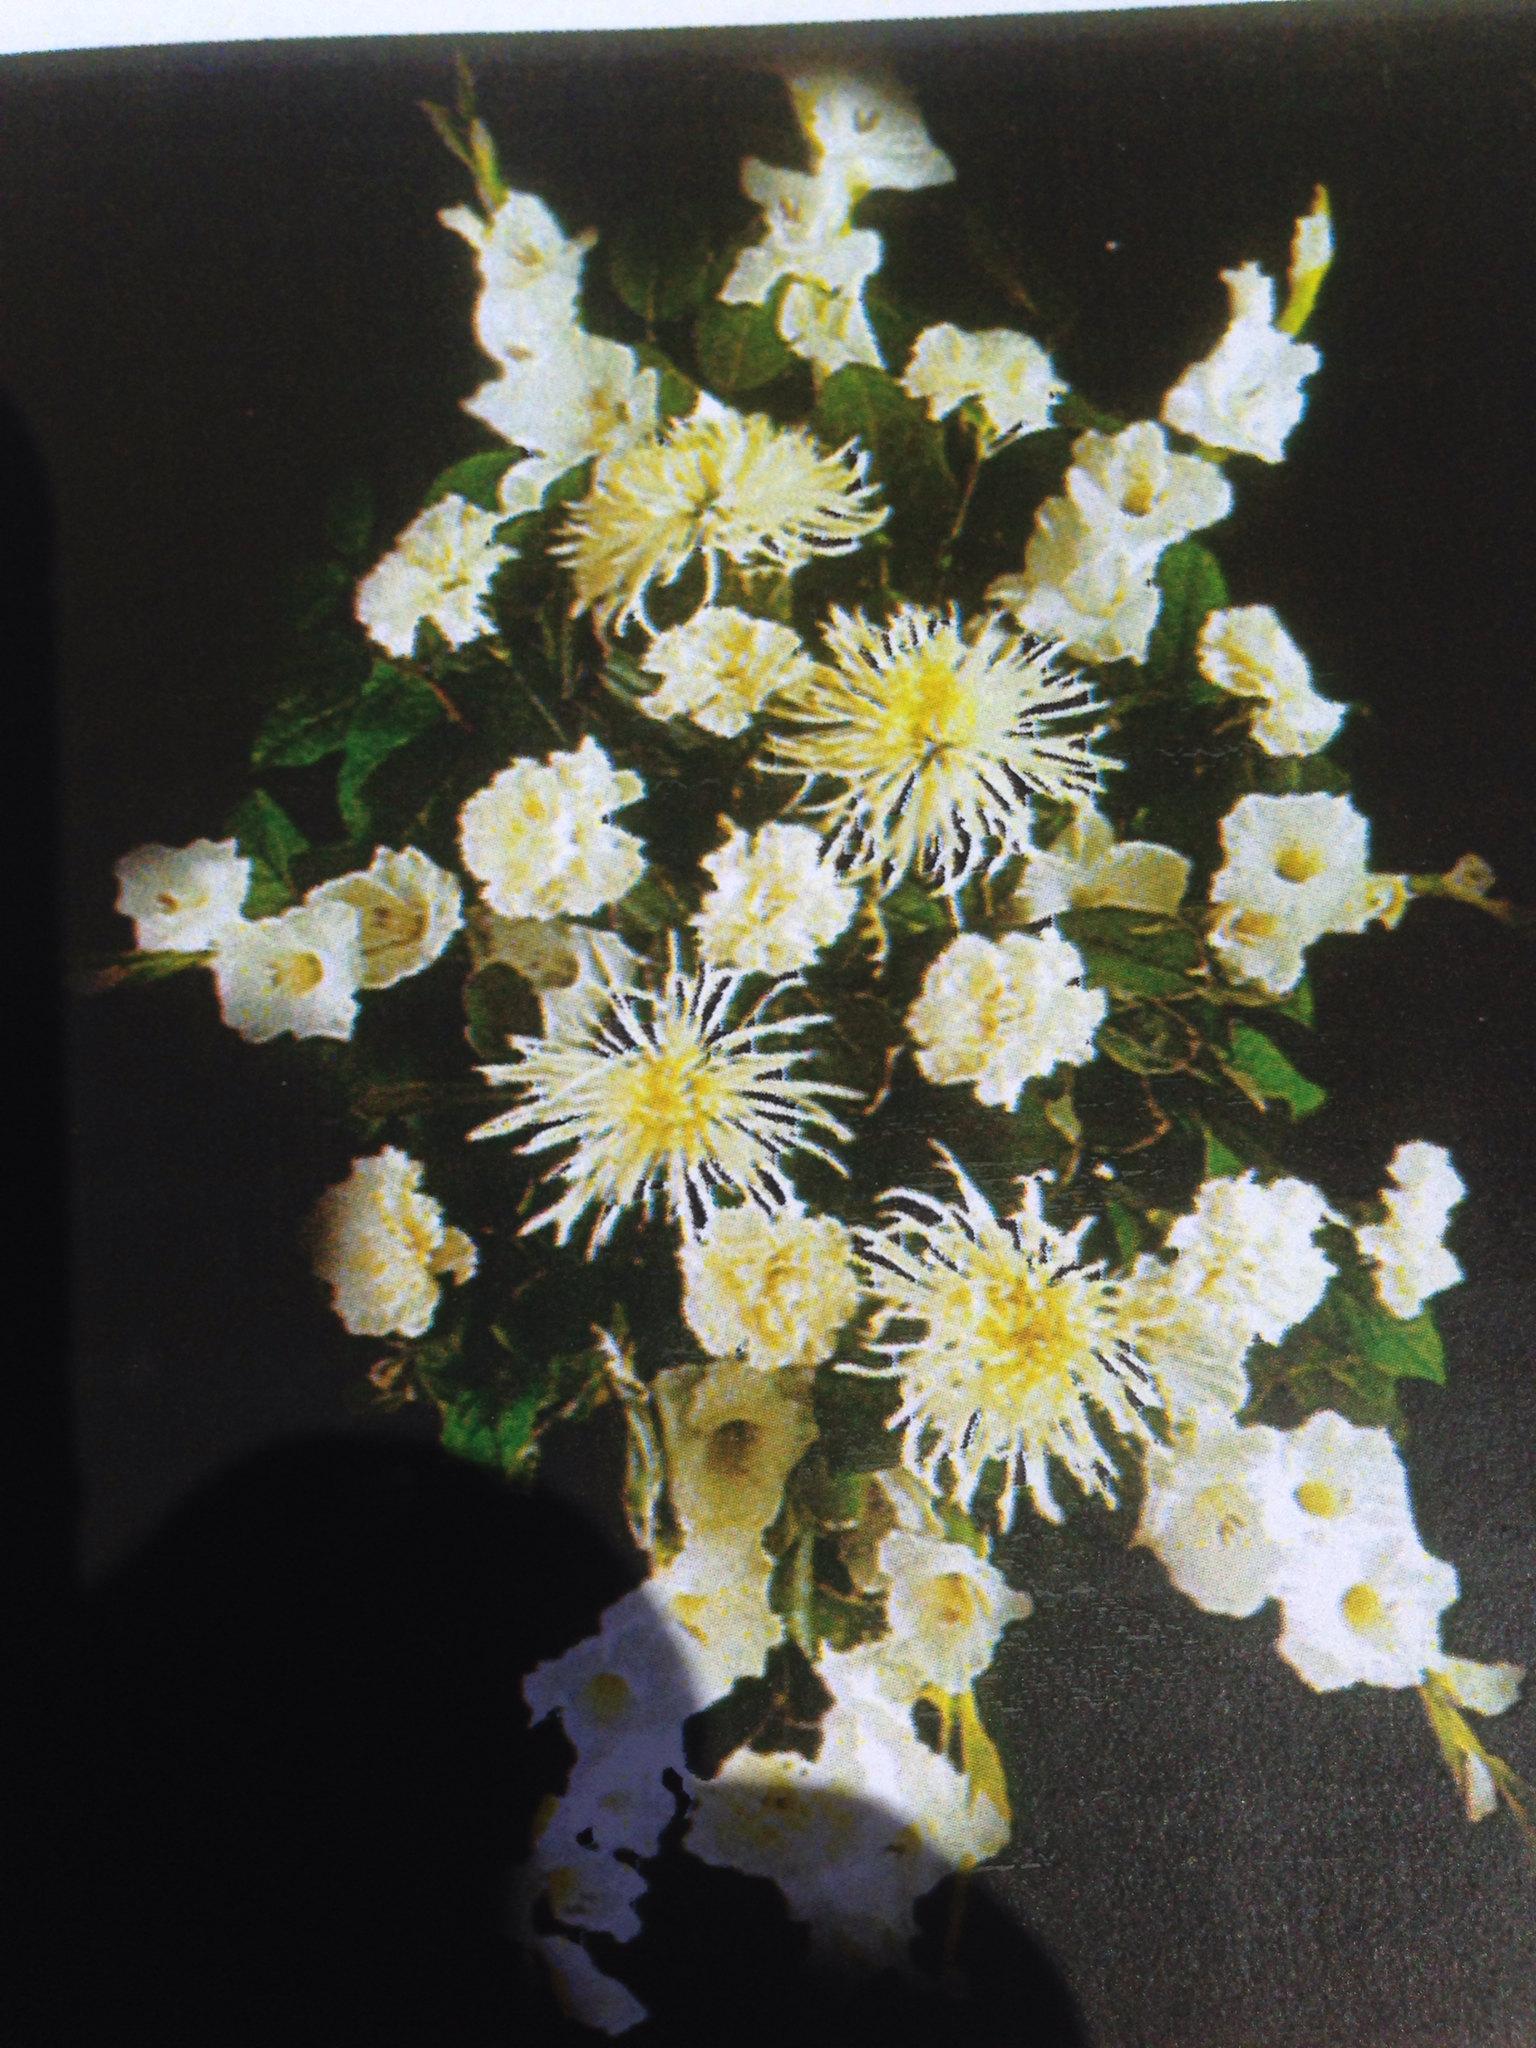 Farah florist. F-sp-4.        $300